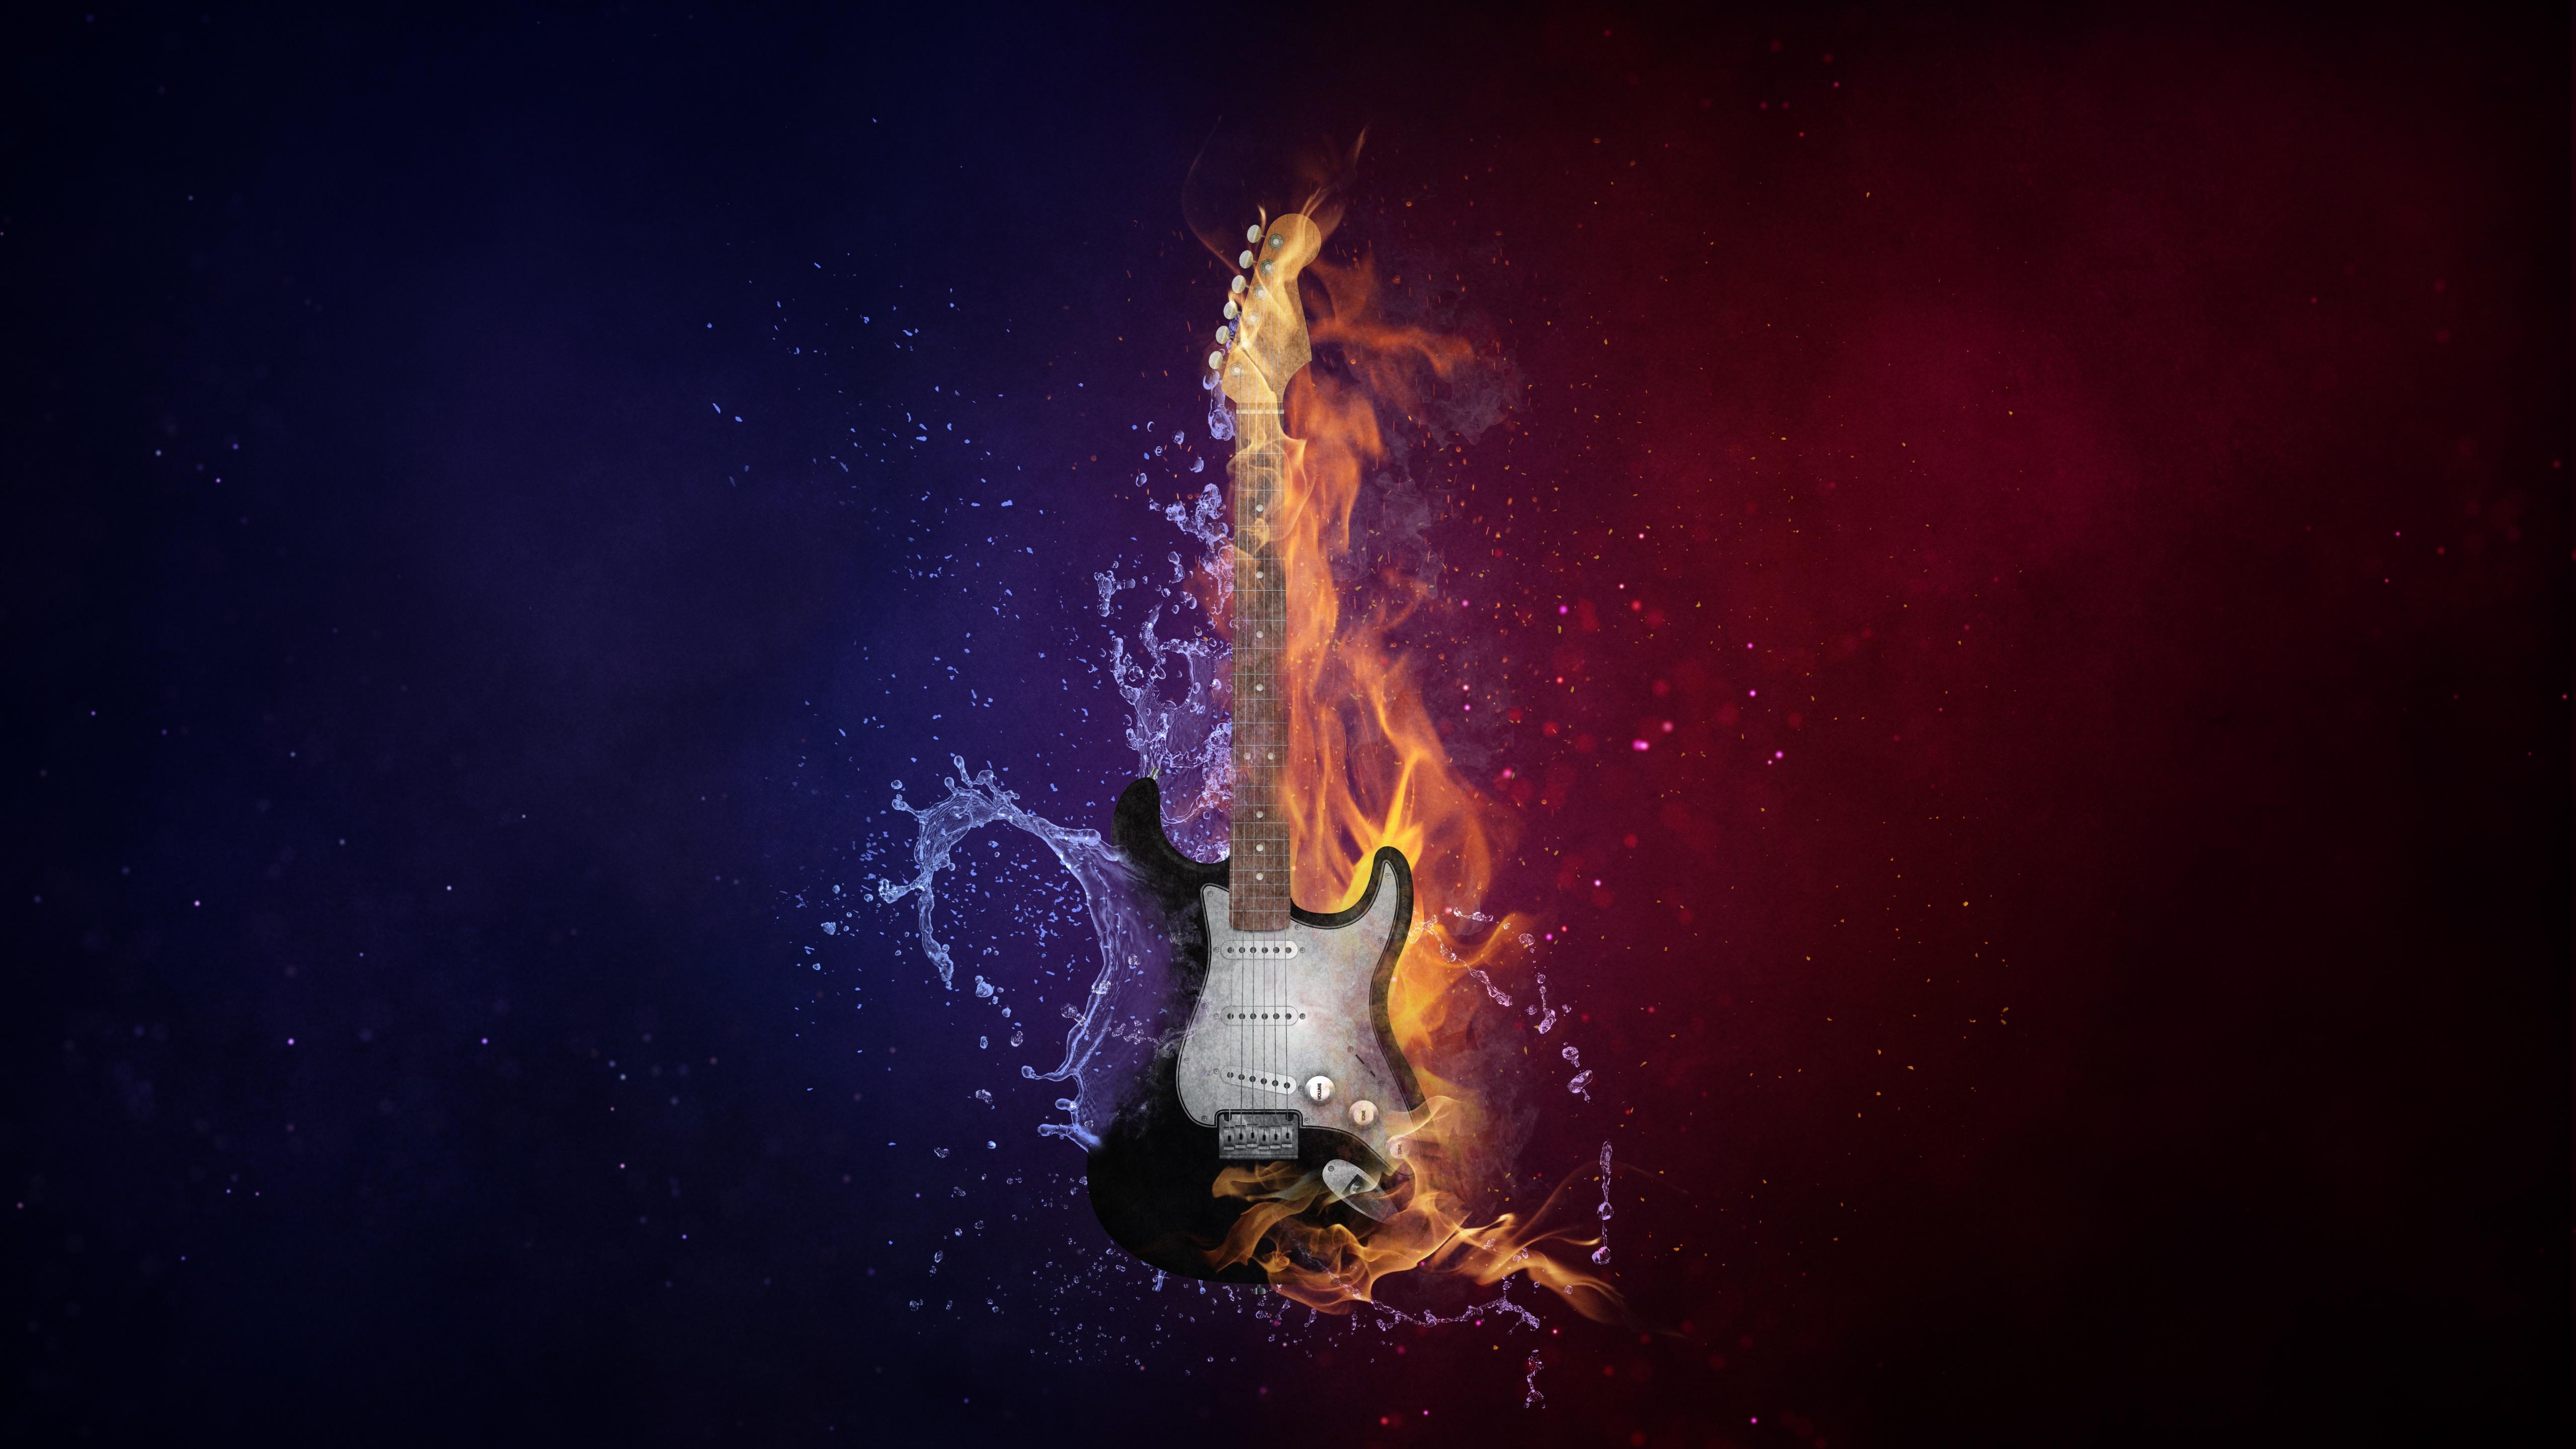 145063 Salvapantallas y fondos de pantalla Música en tu teléfono. Descarga imágenes de Música, Guitarra, Fuego, Agua, Photoshop gratis